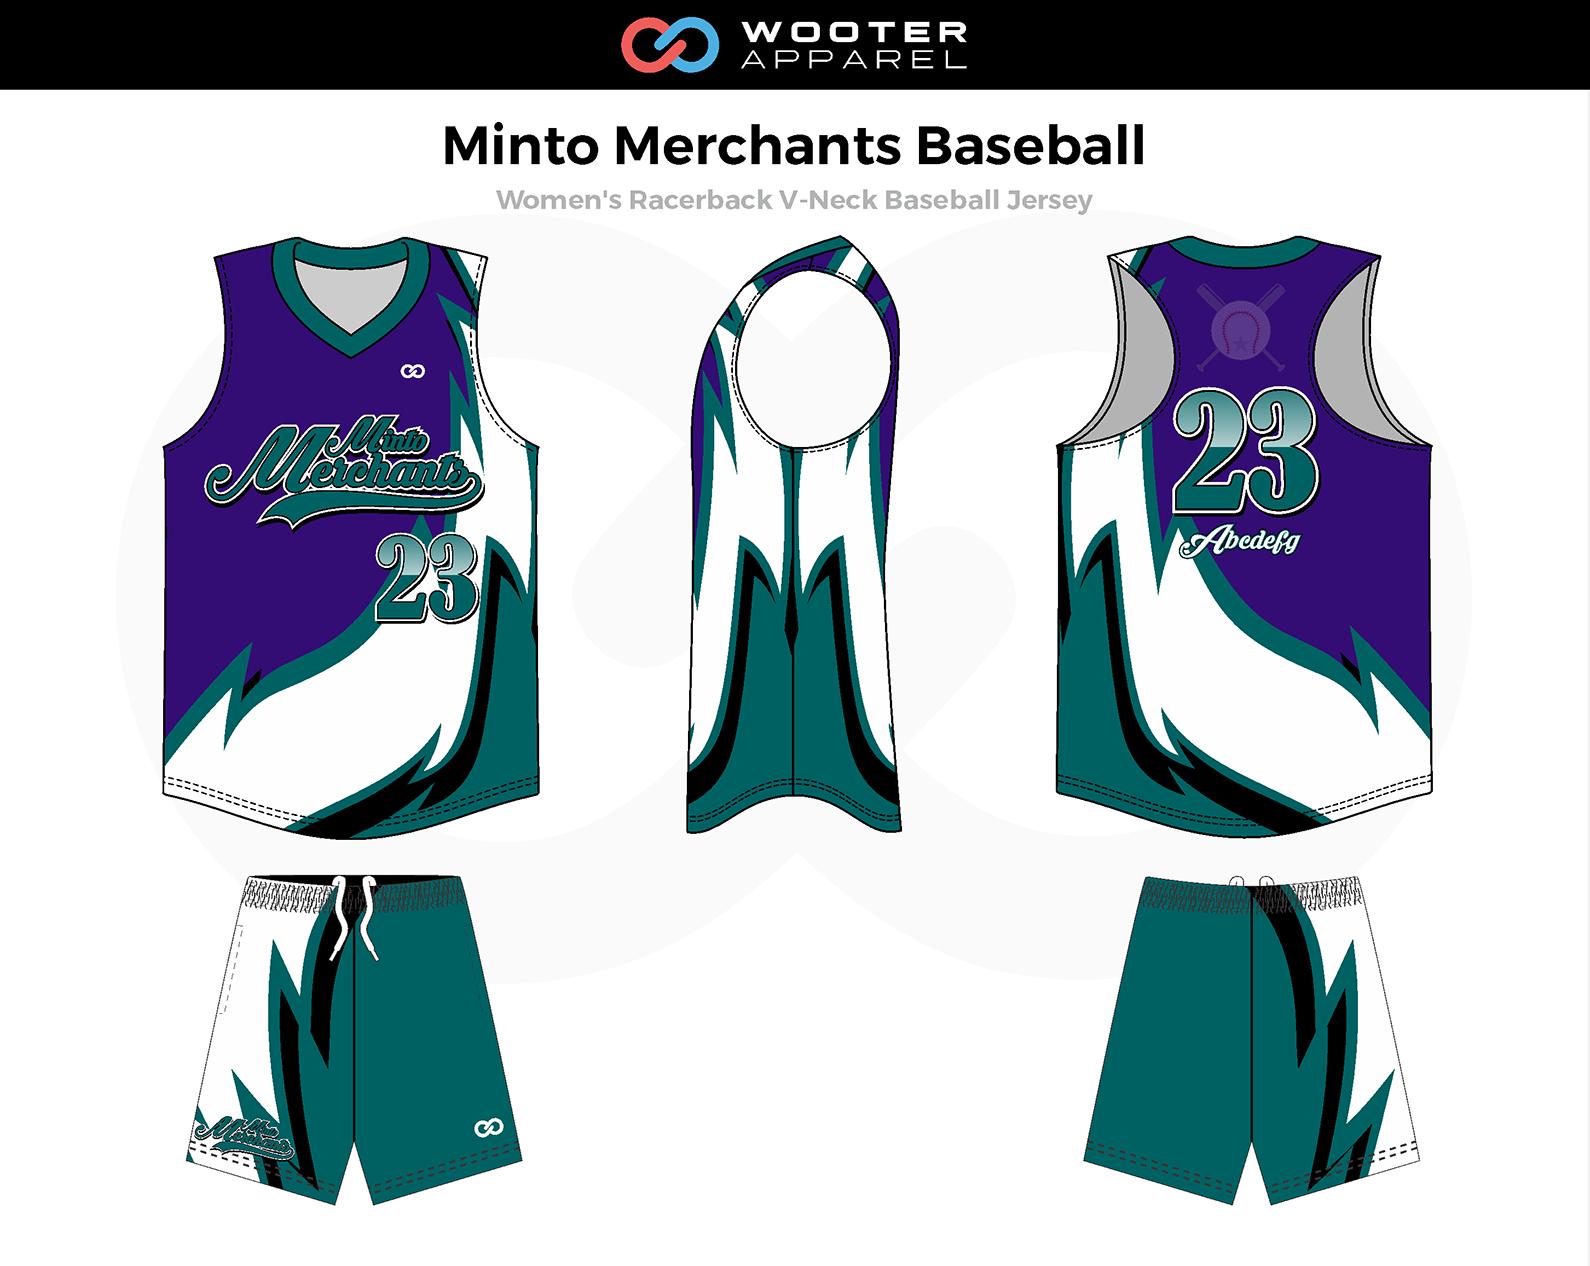 2018-08-29 Minto Merchants Baseball 4.png